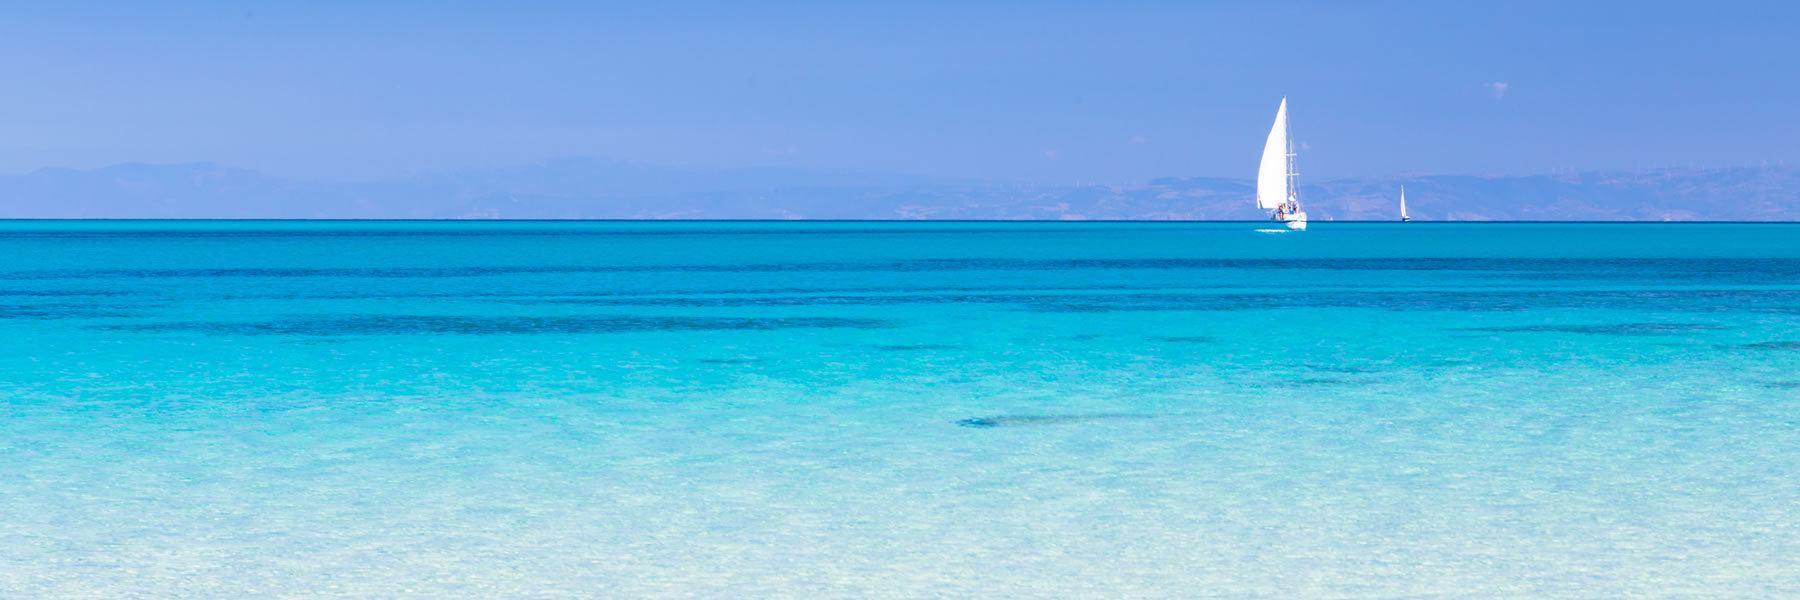 Cartina Sardegna Golfo Di Marinella.Vacanze In Sardegna Mappa E Guida Le Spiagge Piu Belle Della